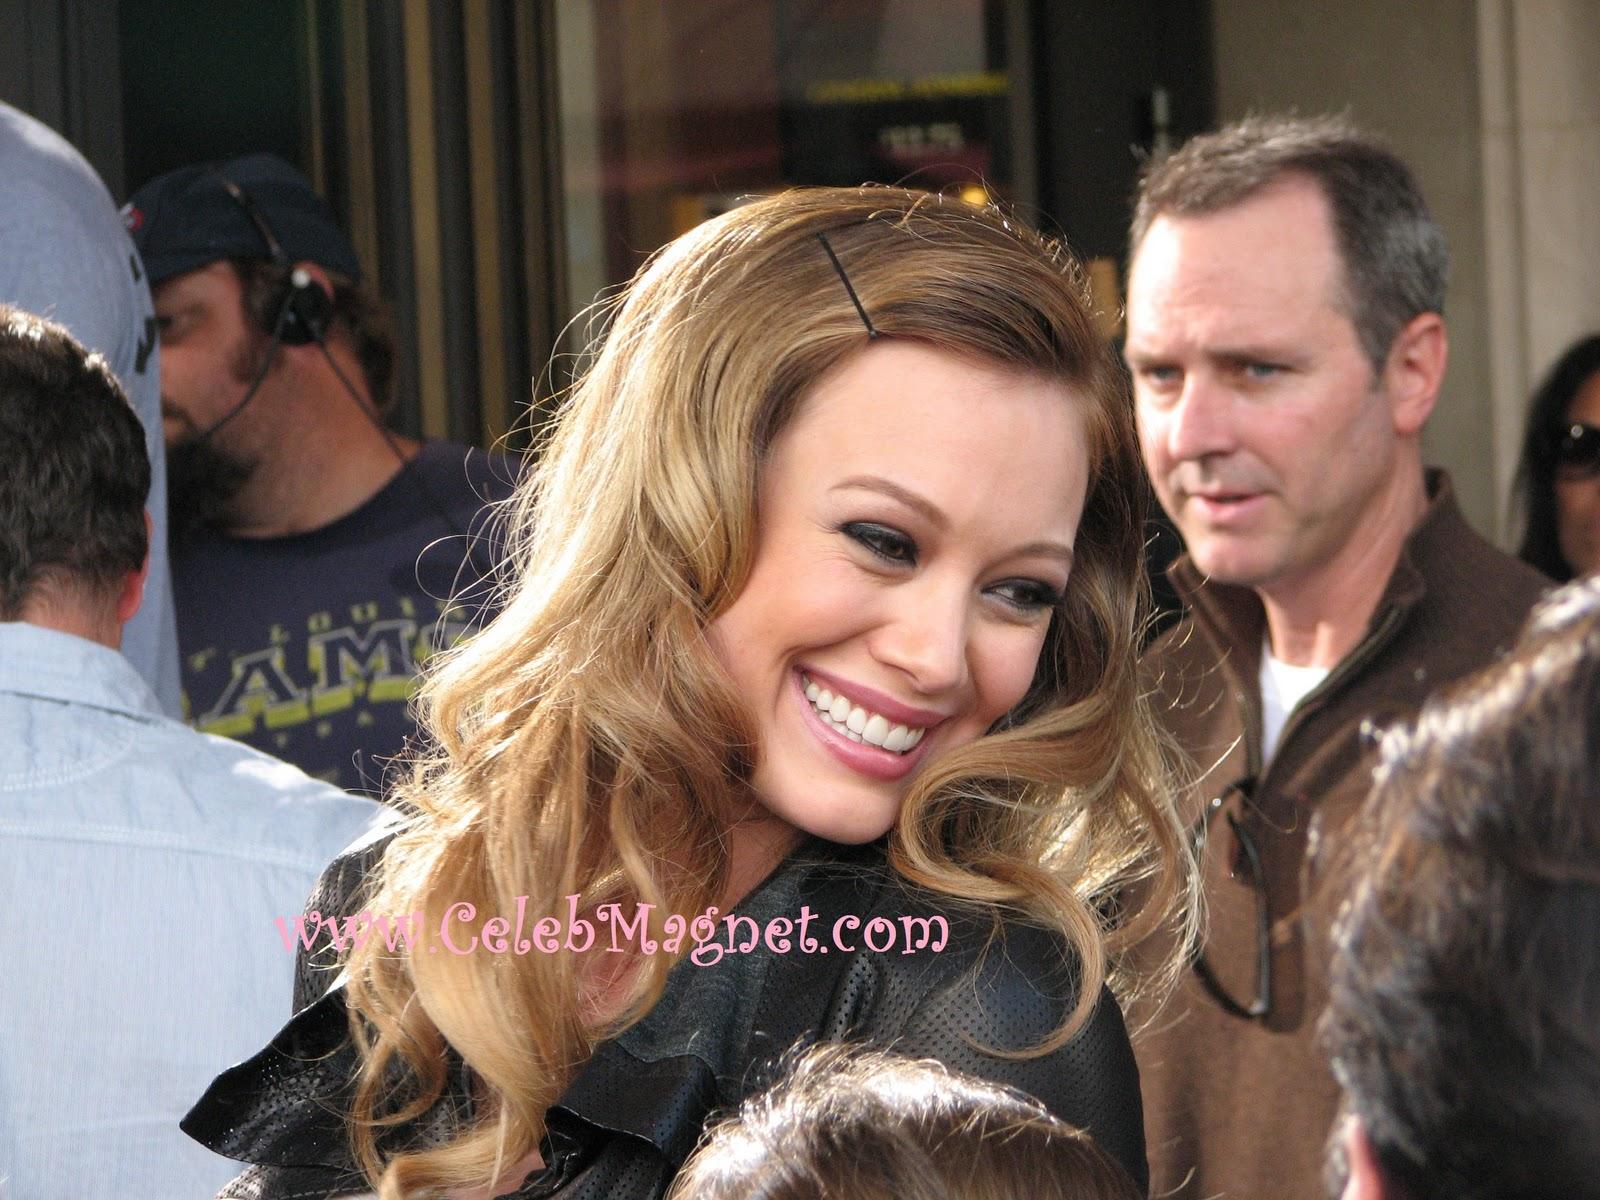 http://2.bp.blogspot.com/_LQQ5FS2UDbY/TMIXQqic-dI/AAAAAAAACbc/38bJ0ttLWSg/s1600/Hilary-Duff-Elixir.jpg